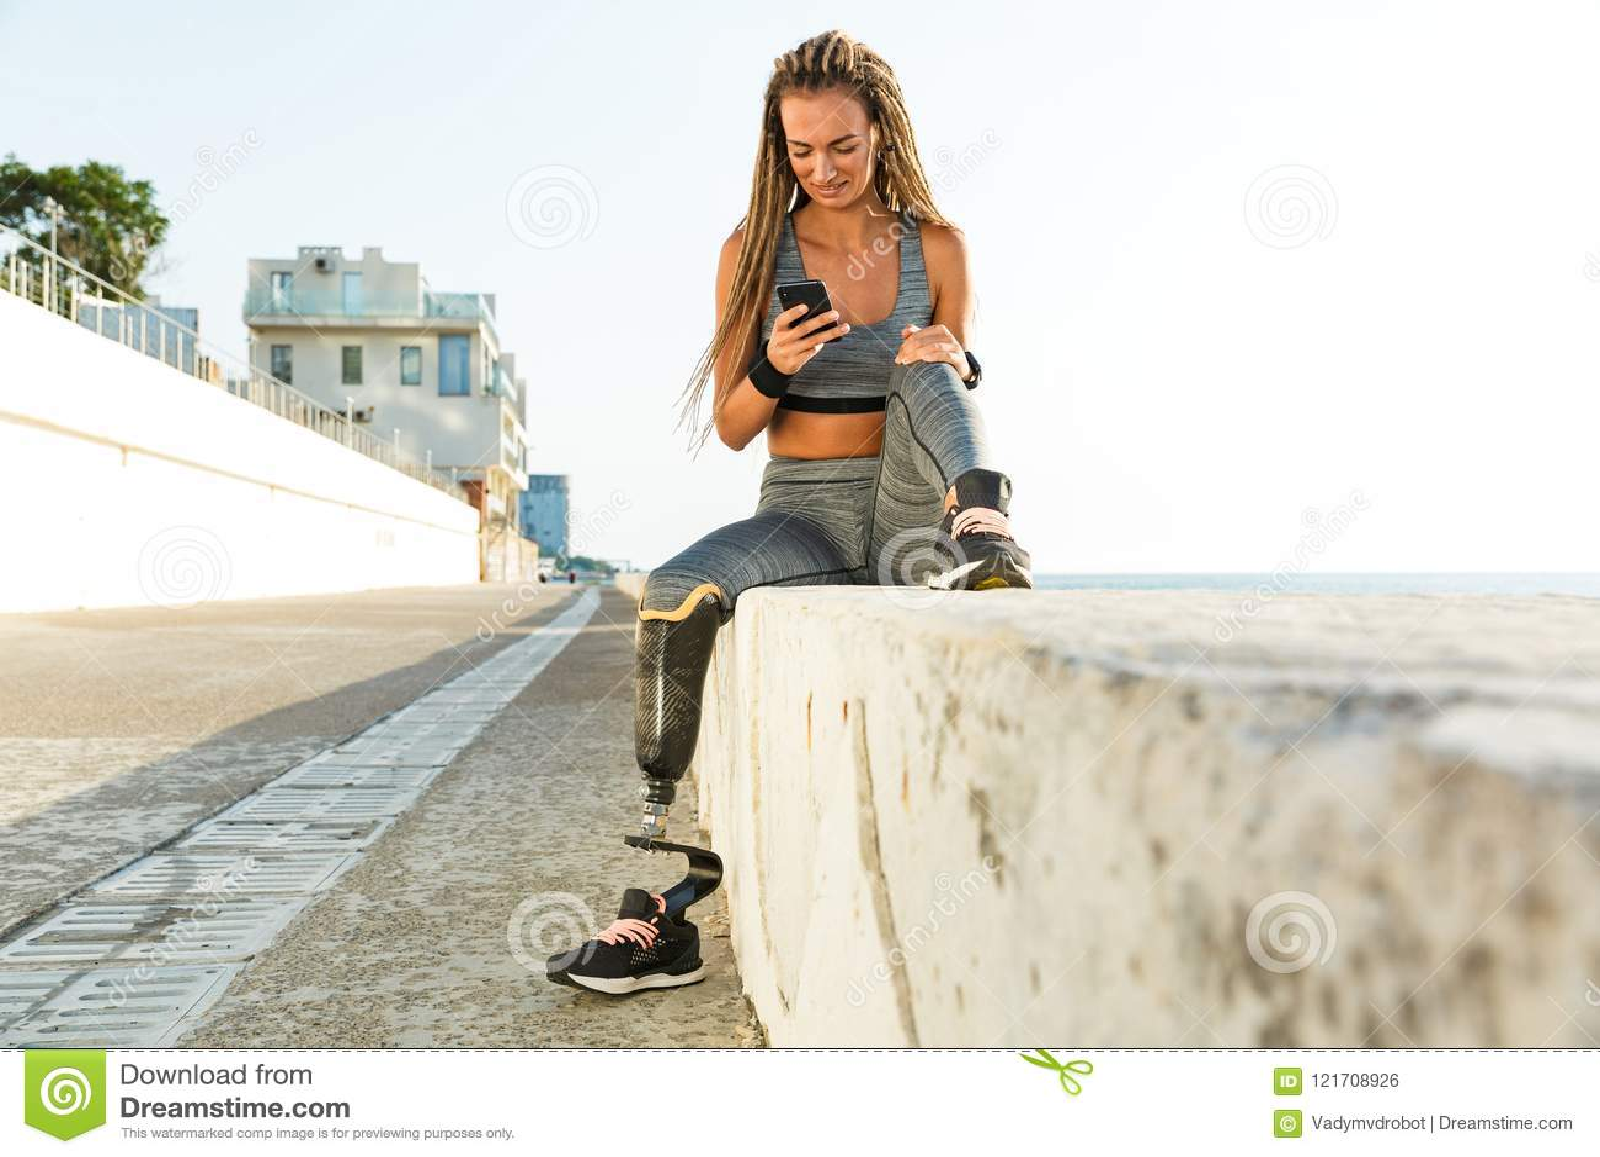 Glimlachende gehandicapte atletenvrouw met prothetisch been